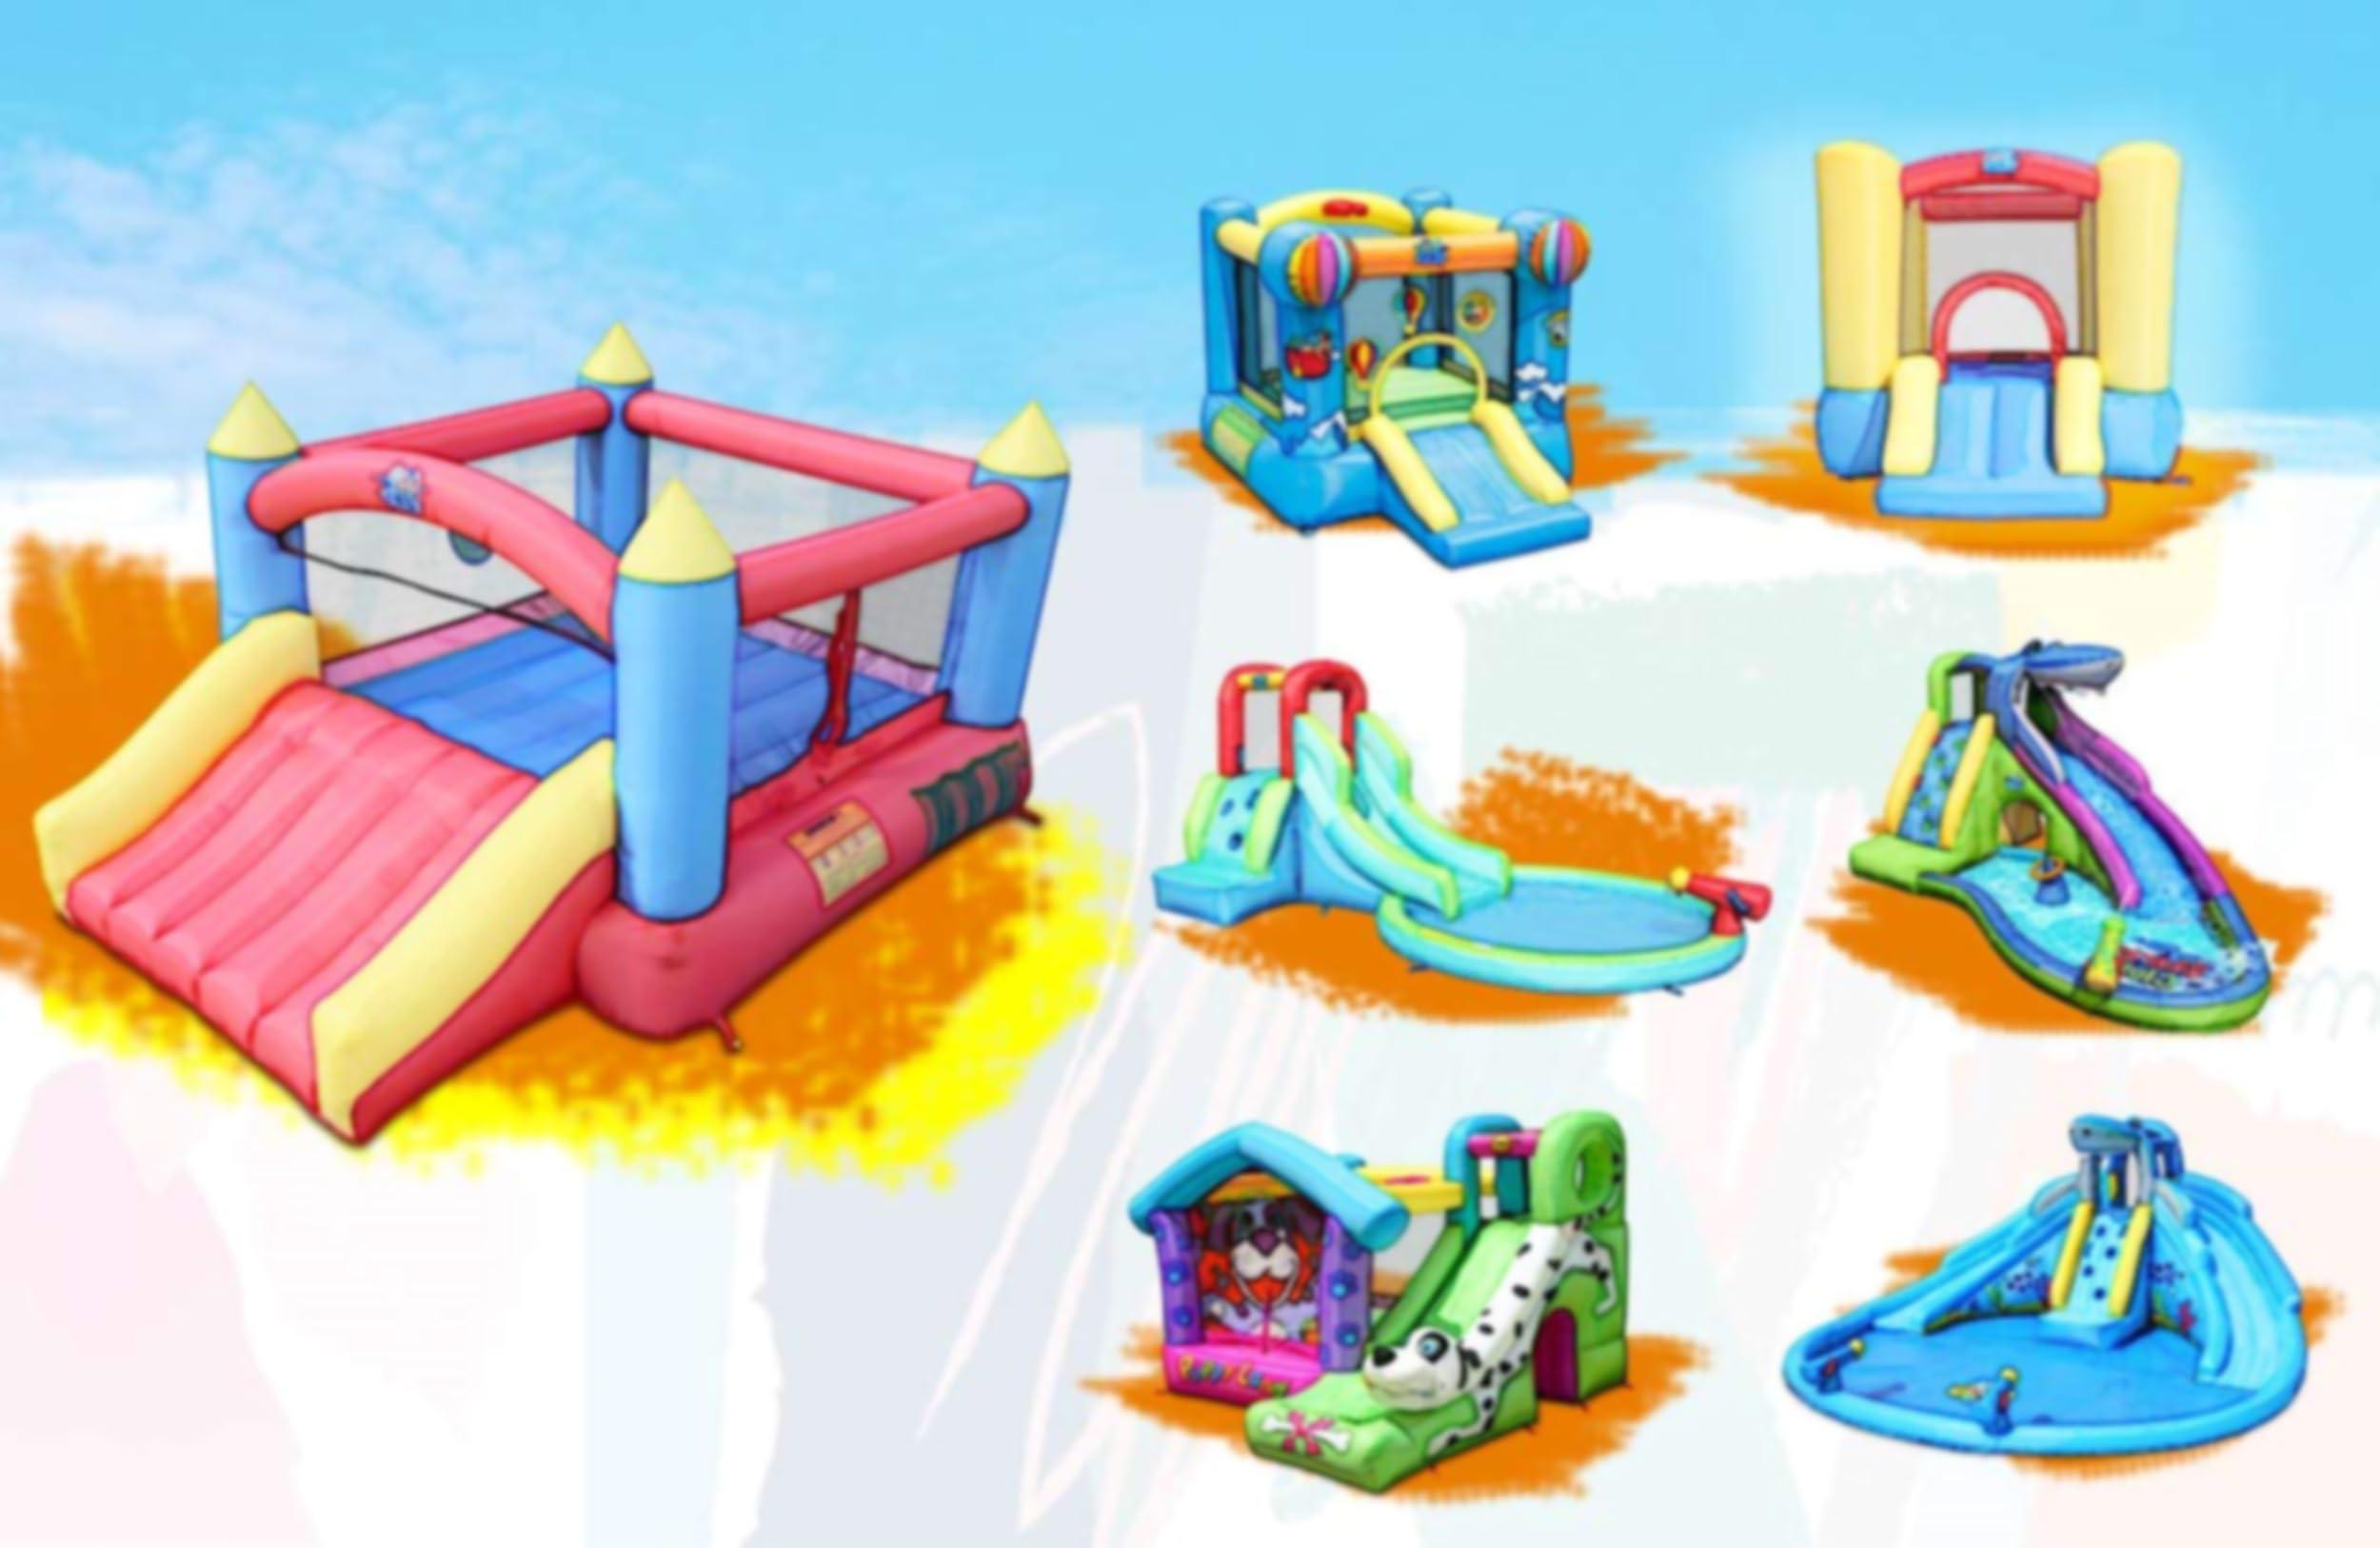 户外玩具品牌Action Air成功案例